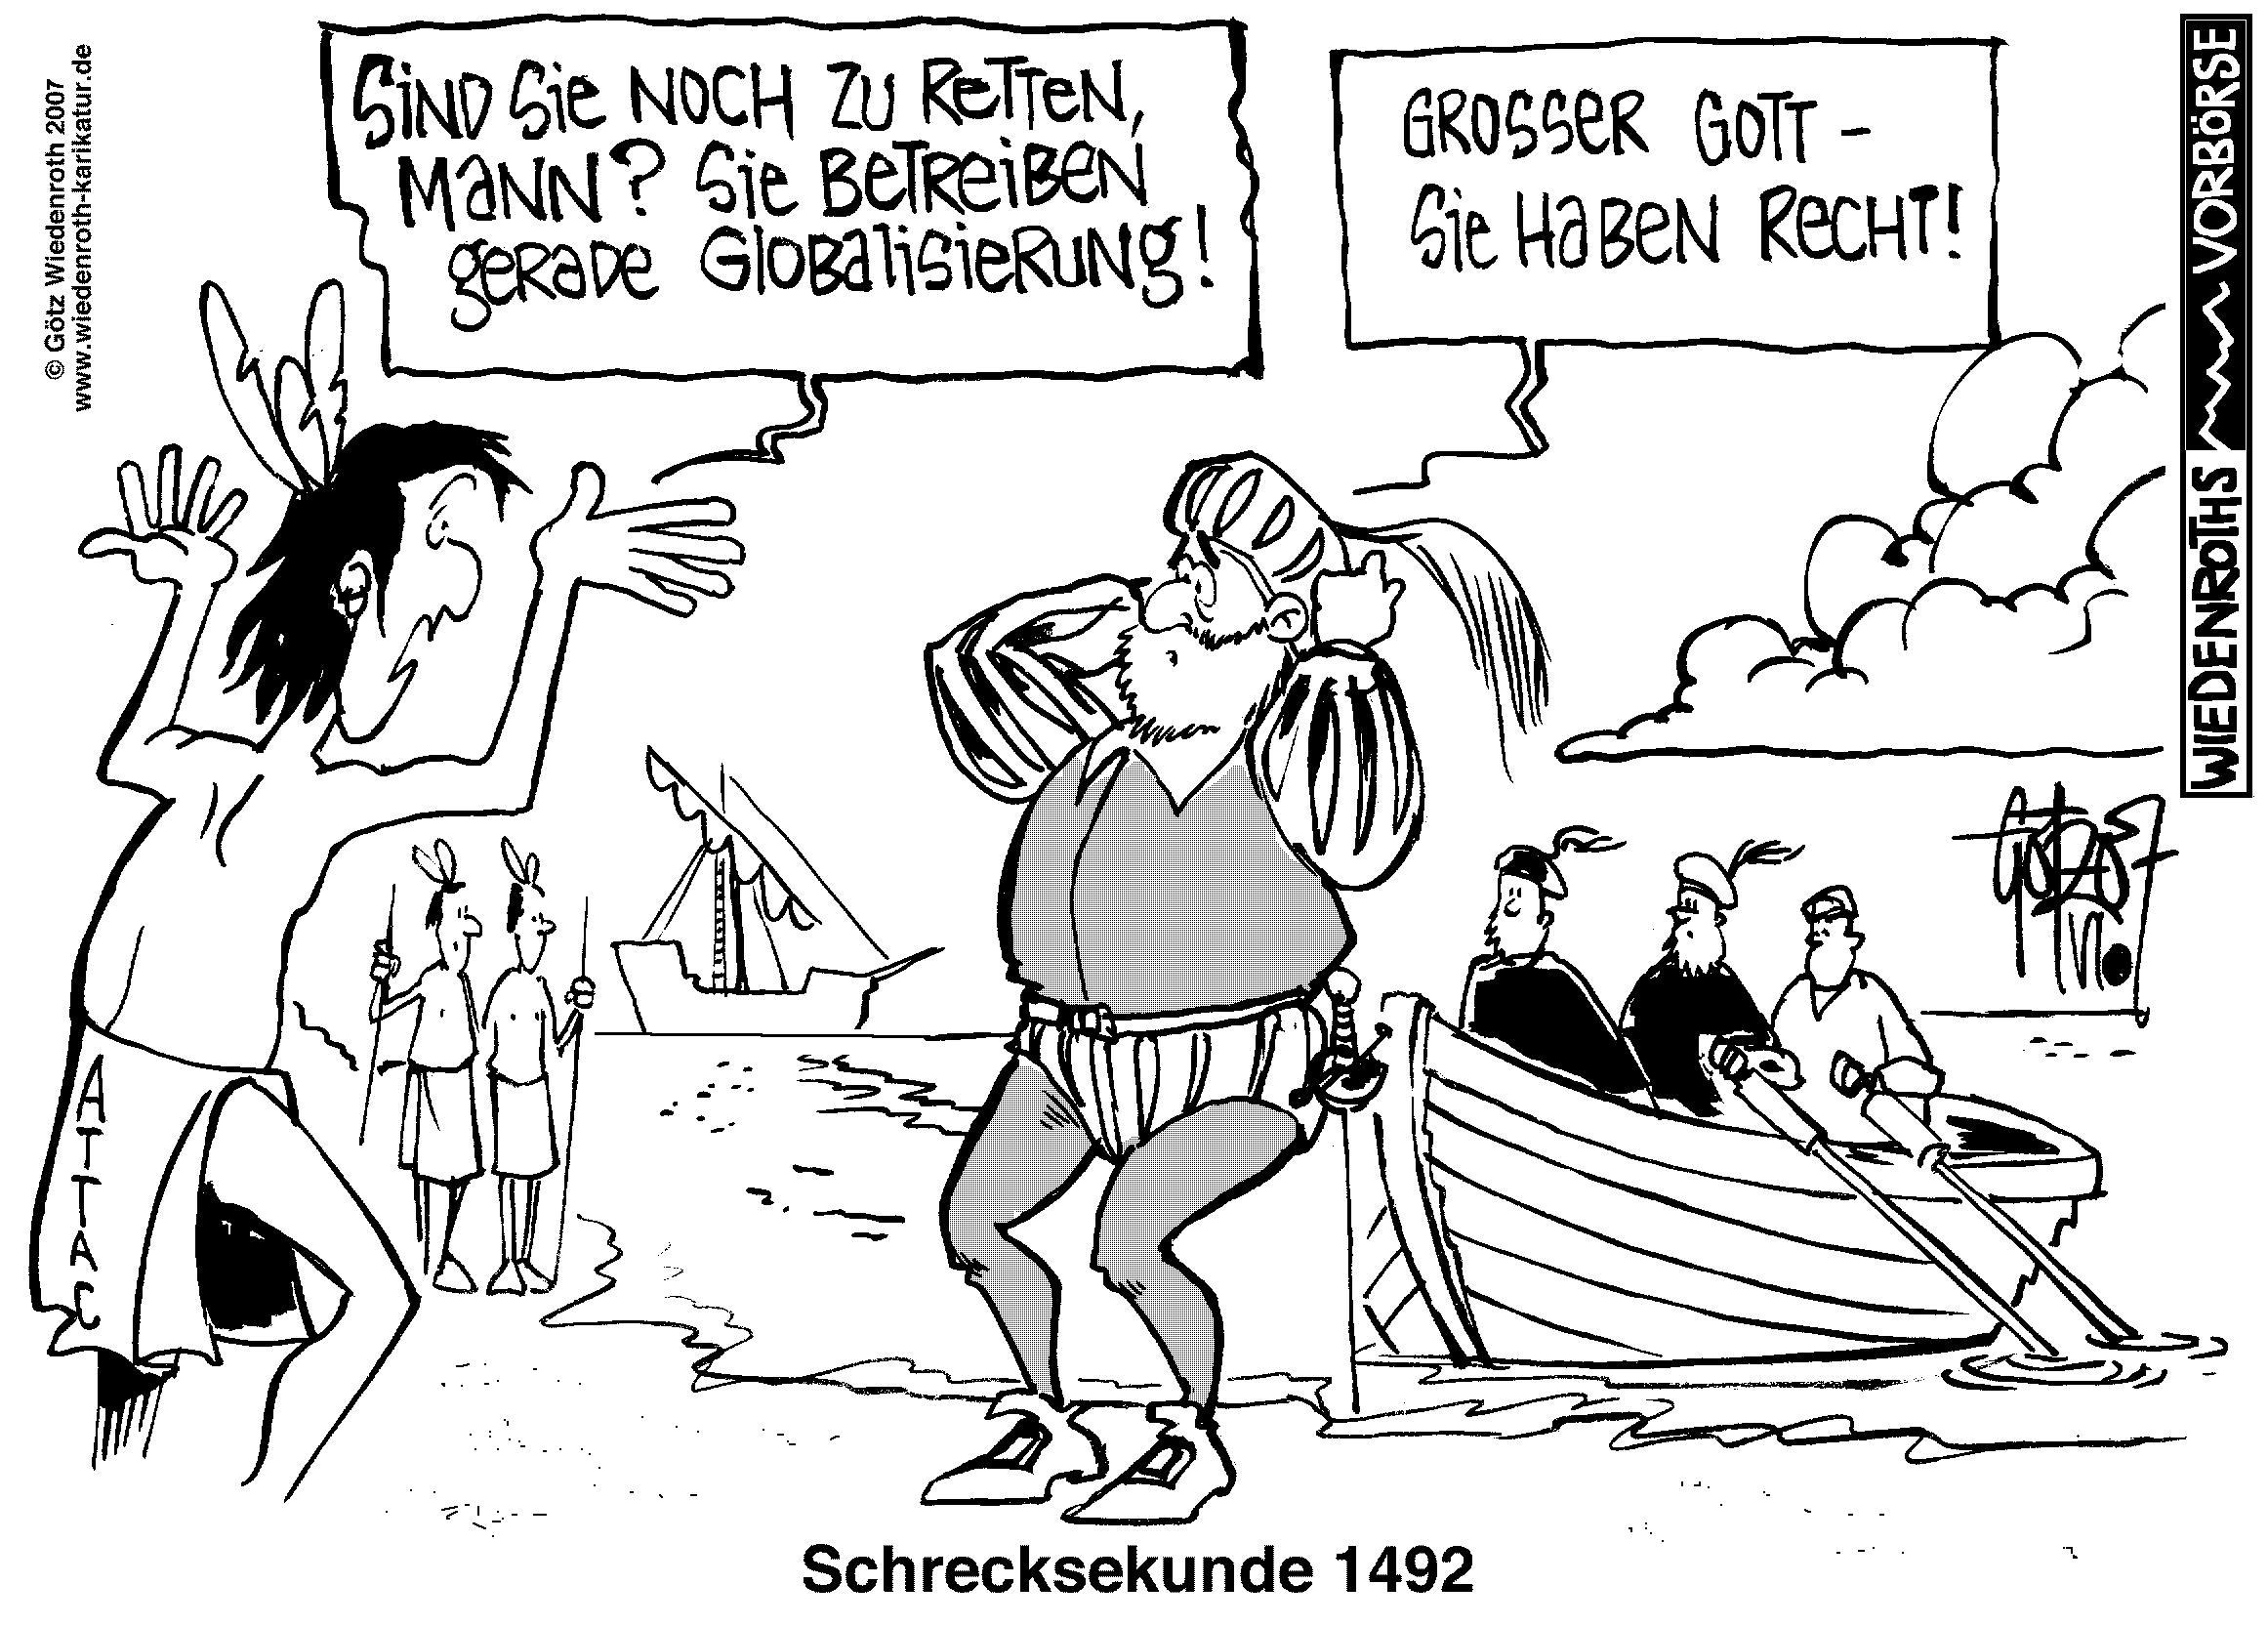 Globalisierung vorteile